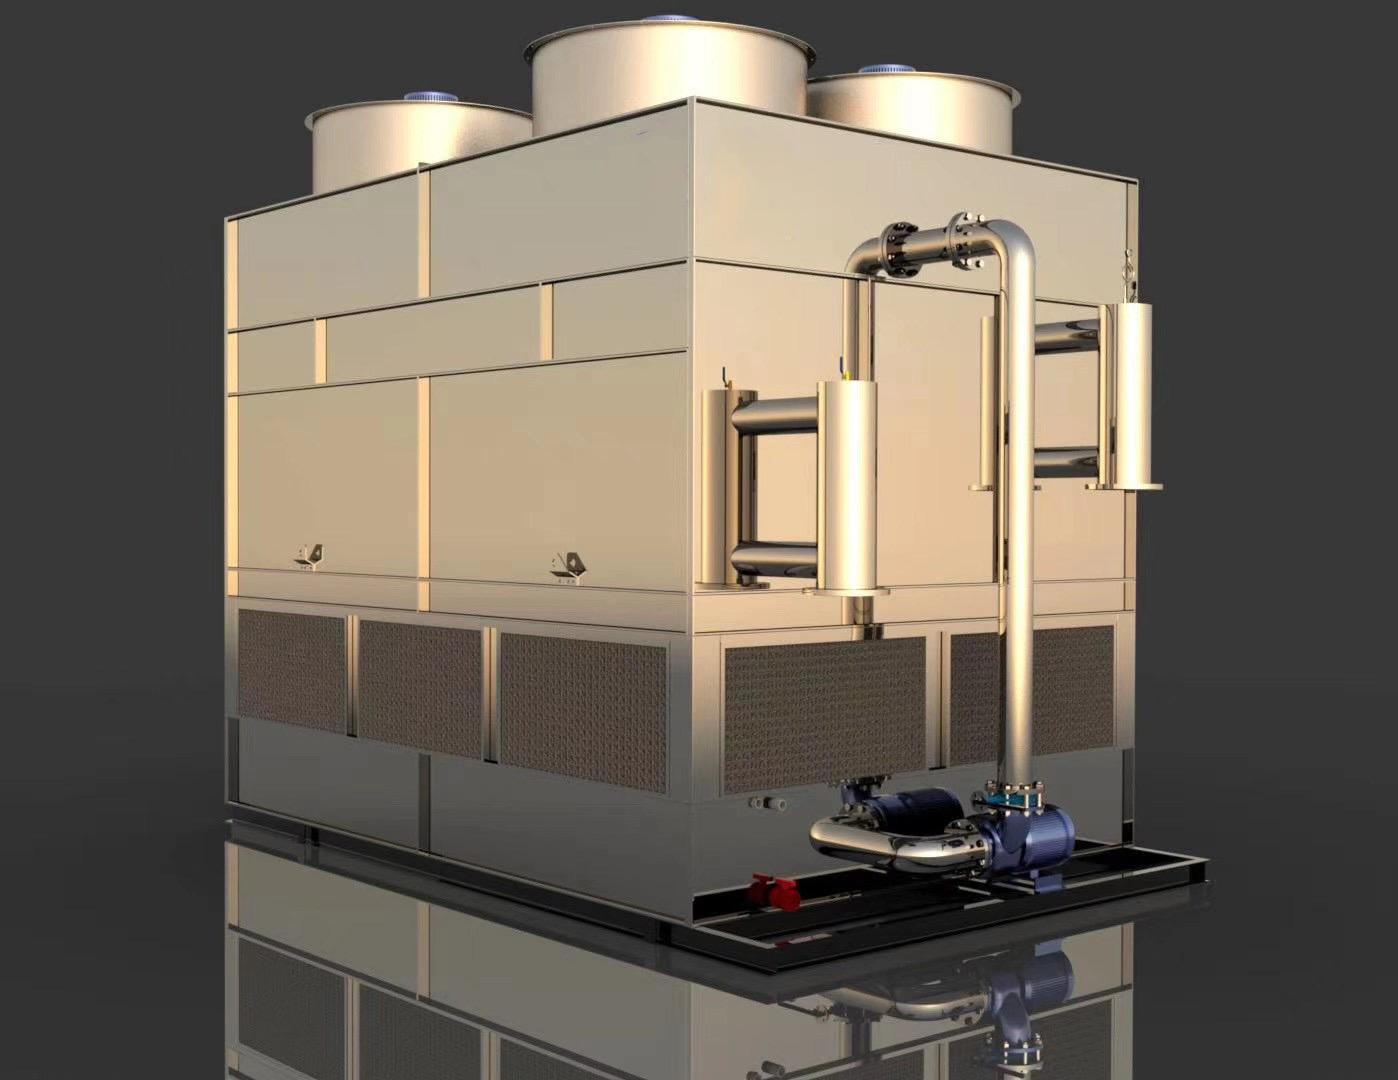 神農架密閉式冷卻塔 高溫逆流閉式冷卻塔 橡膠廠冷卻塔系統 水質干凈 節能 節水